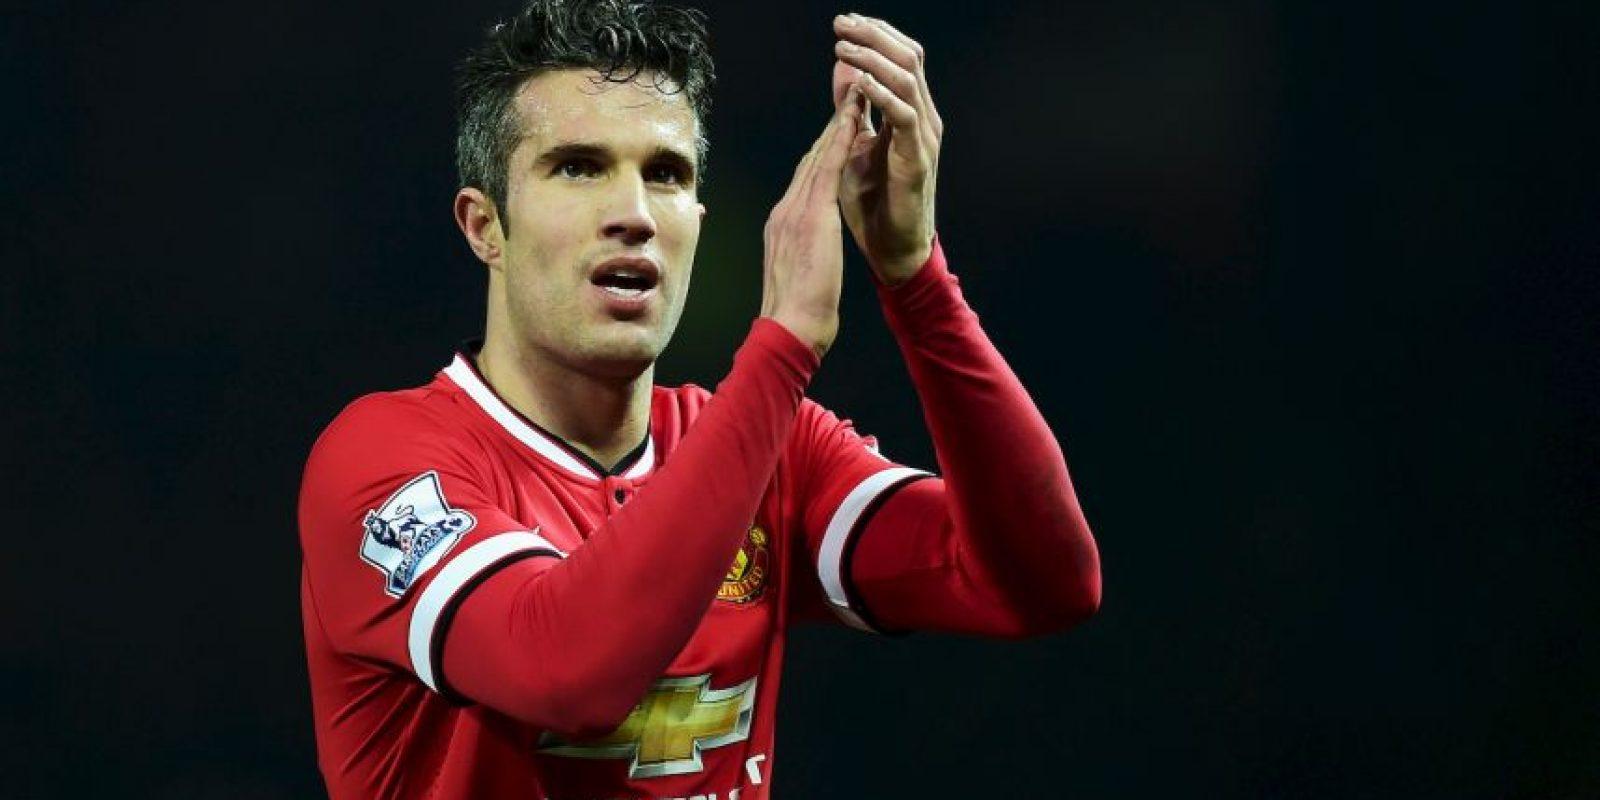 El delantero del Manchester United completa el ranking de los futbolistas que más camisetas venden en Inglaterra. Foto:Getty Images